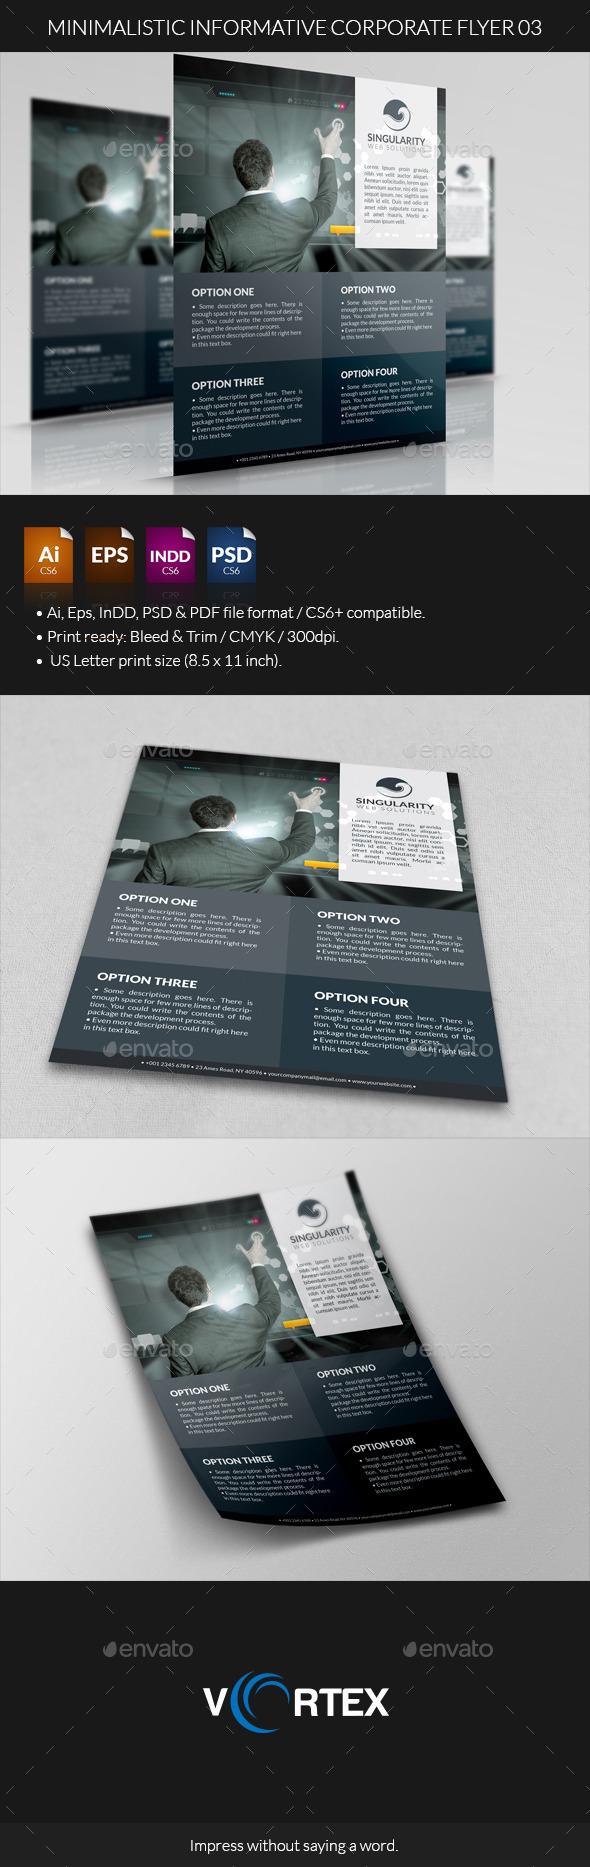 GraphicRiver Minimalistic Informative Corporate Flyer 03 8823971